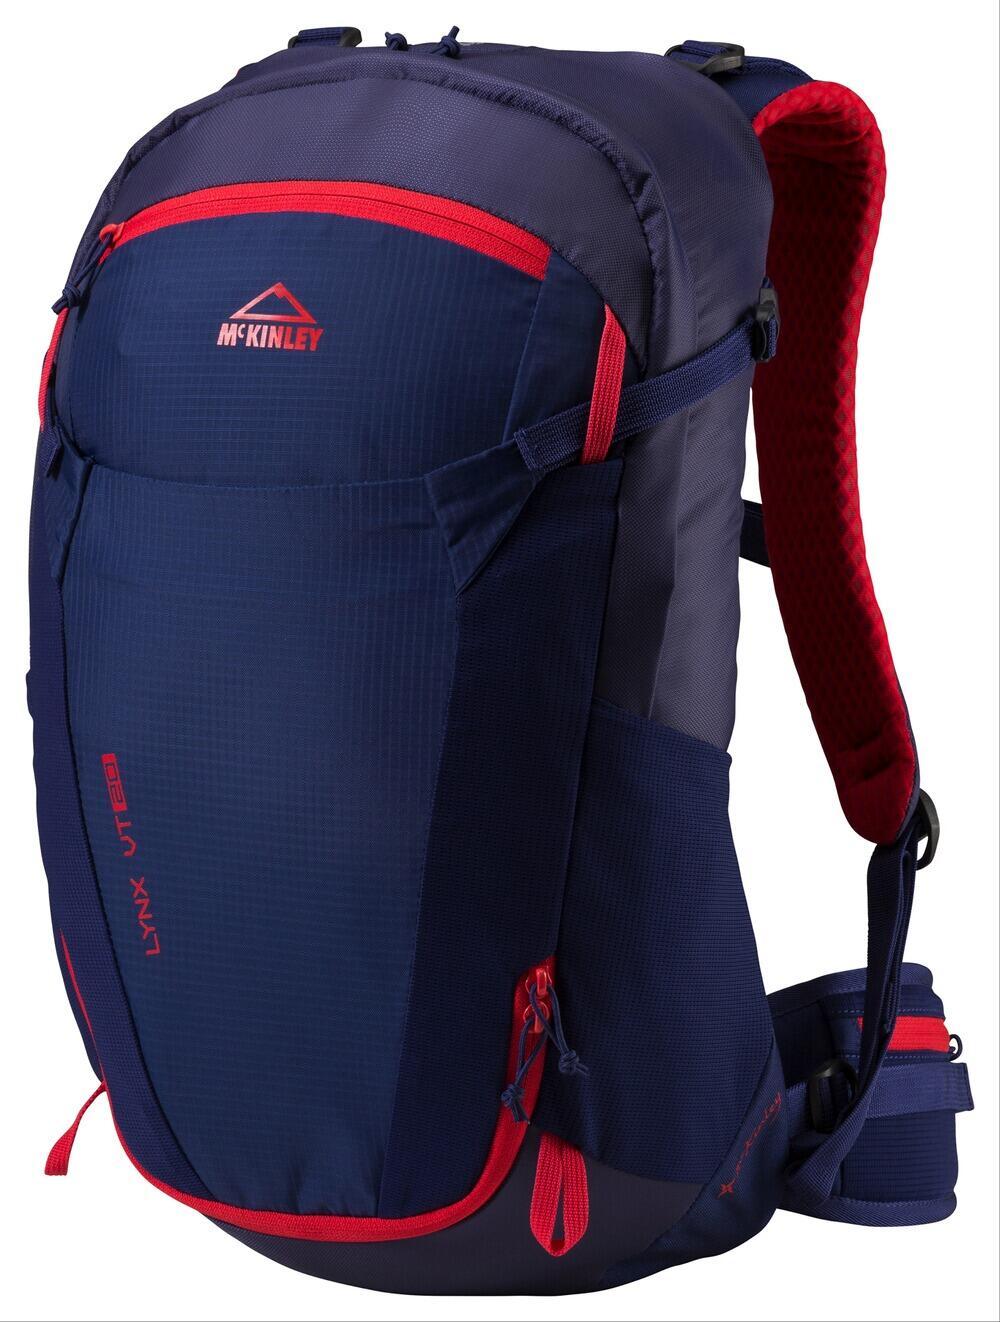 mckinley-lynx-vt-20-damen-rucksack-farbe-900-navy-dark-red-